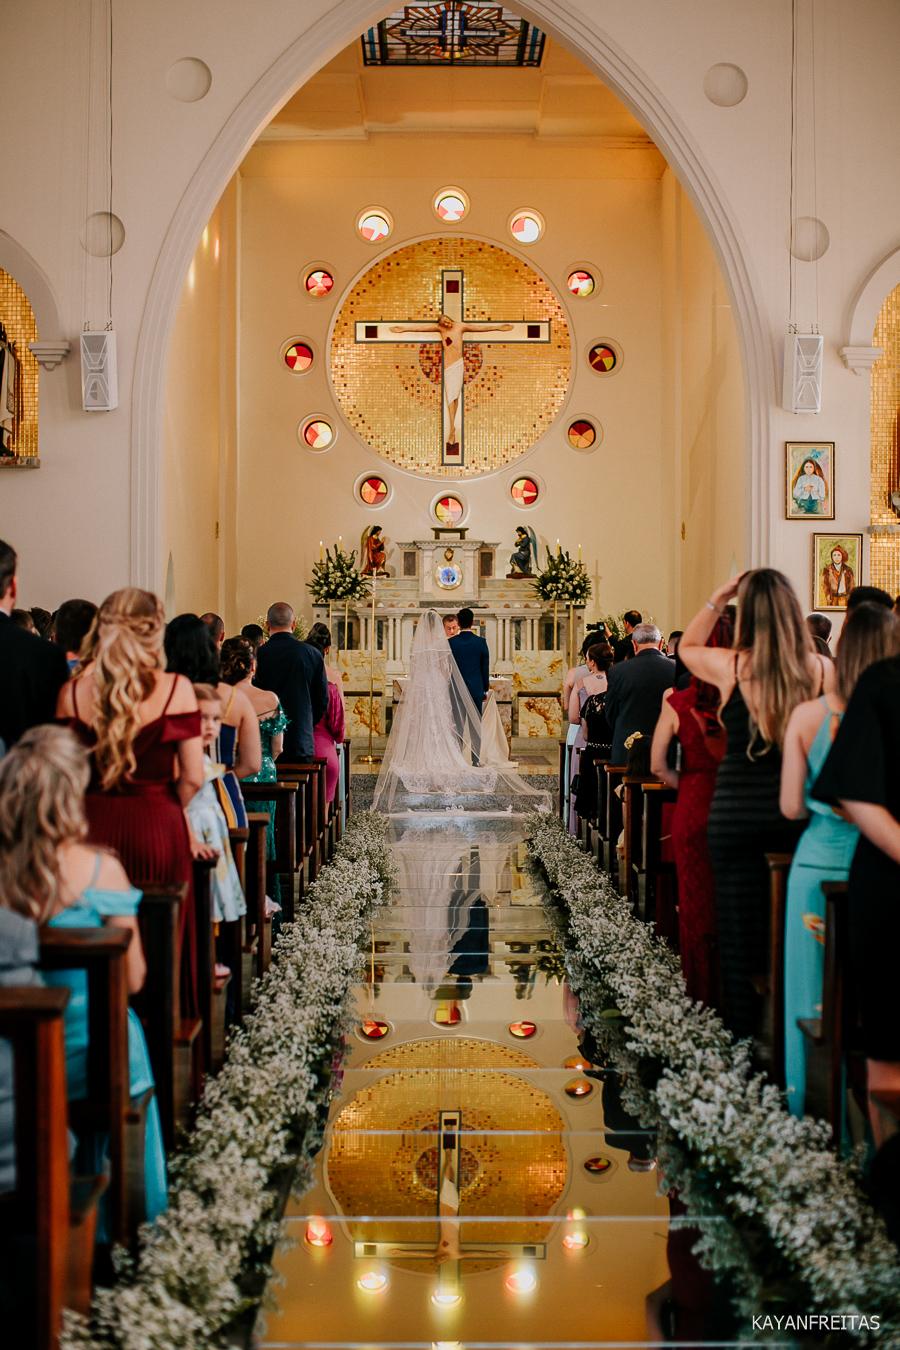 fotos-casamento-floripa-bed-0075 Casamento em São José - Izabelle e Douglas